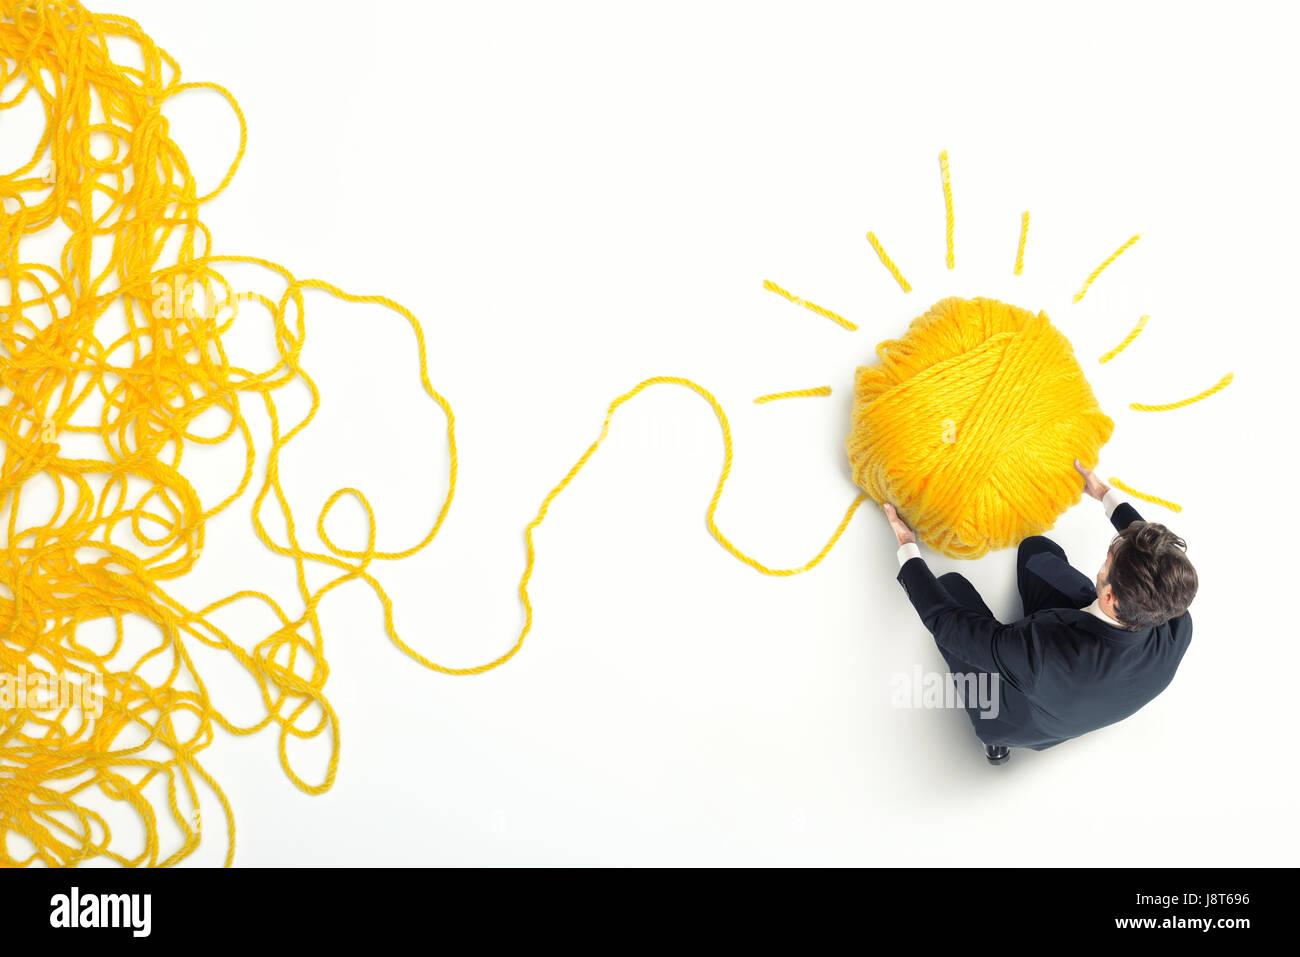 Concetto di soluzione e di innovazione con Lana palla Immagini Stock